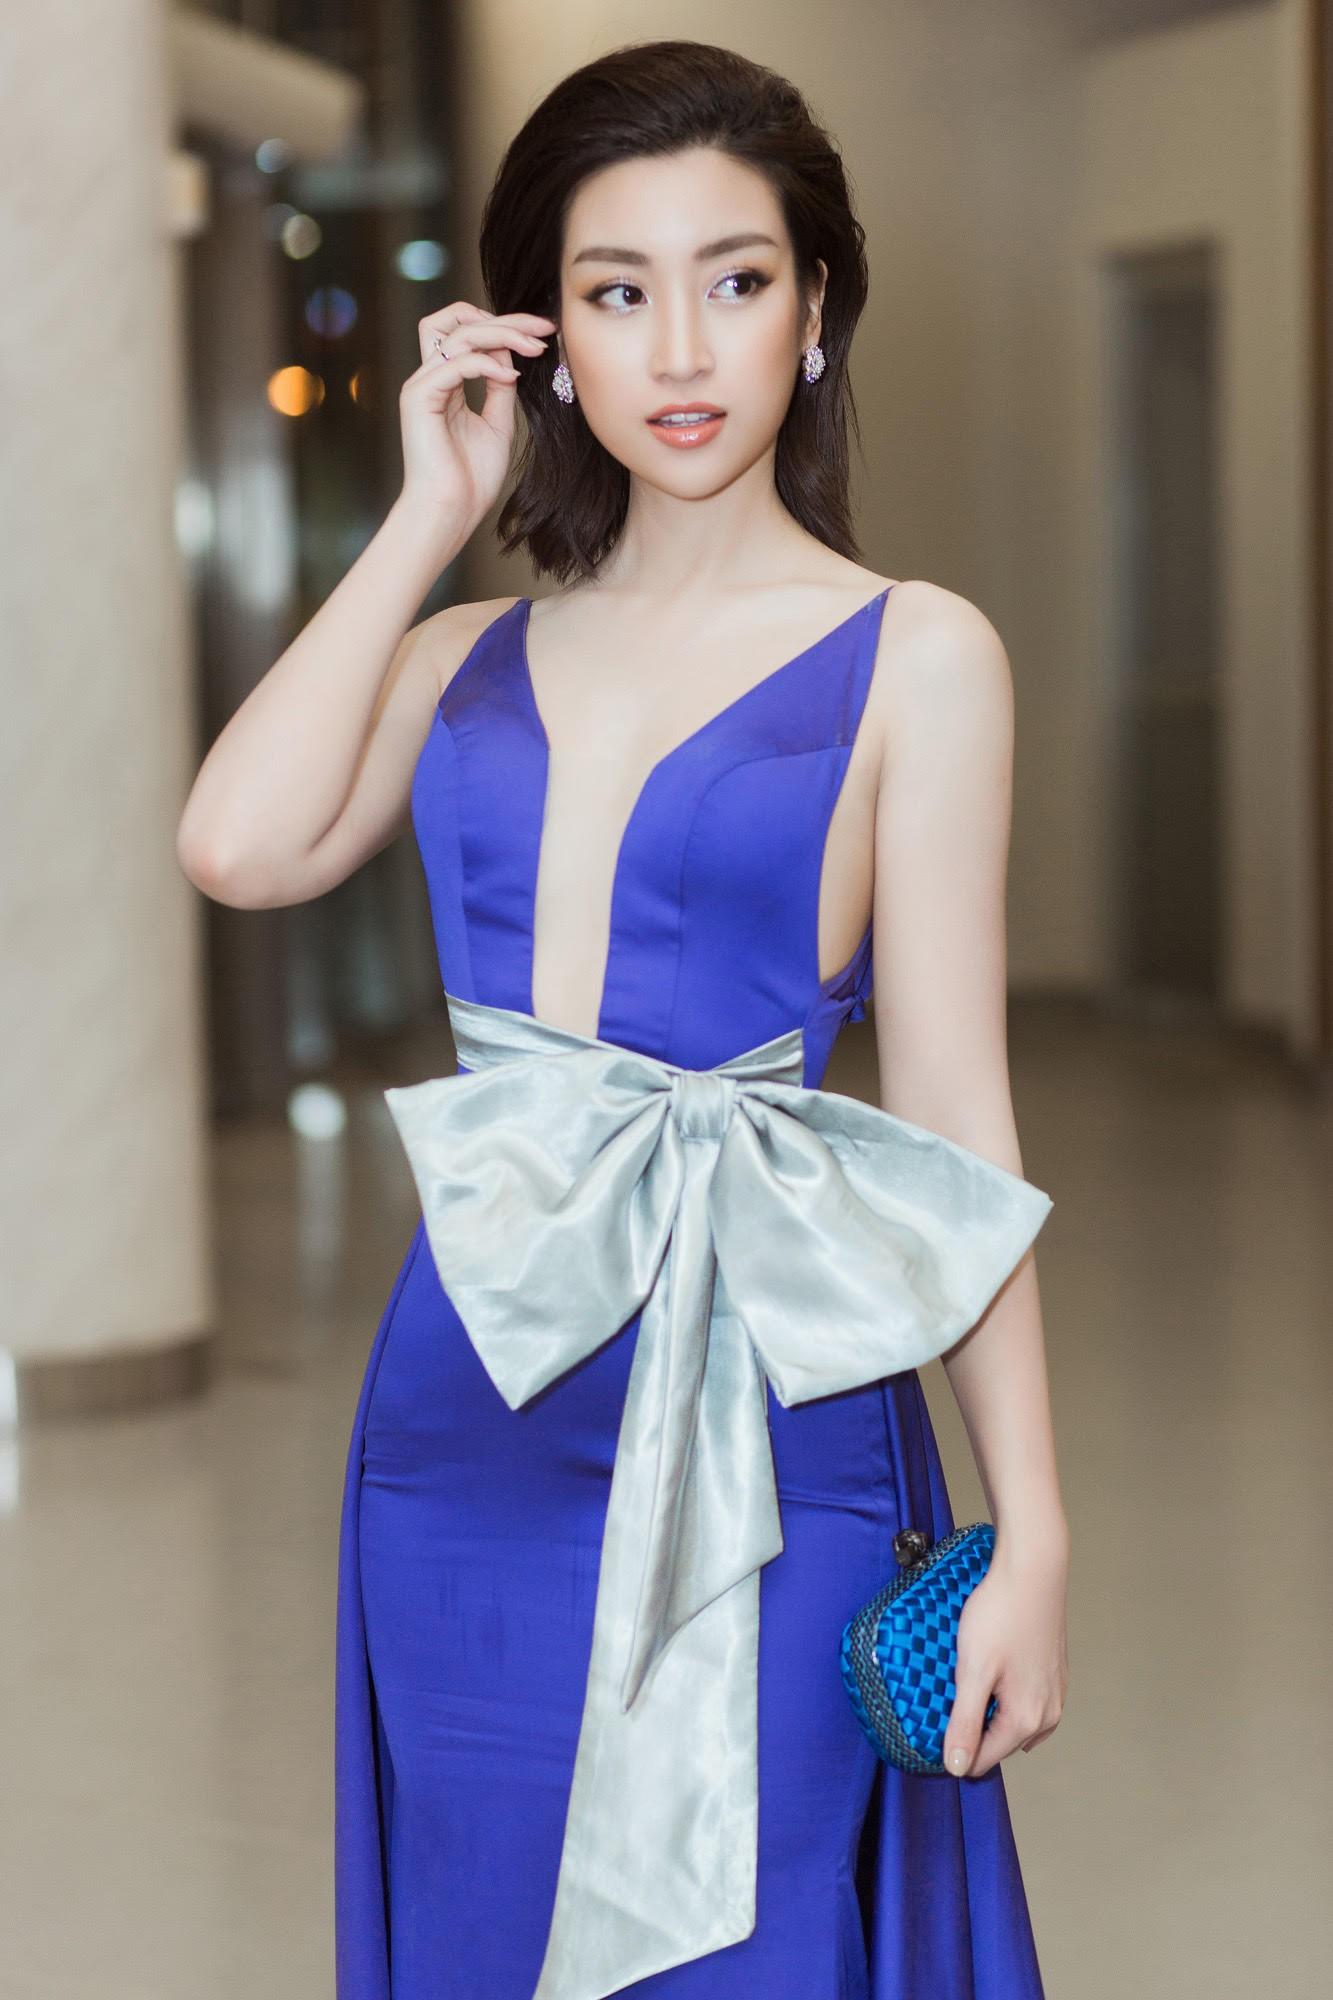 best-dressed-wechoice-1a-15467465394481213687388-15578999240801753559152.jpg